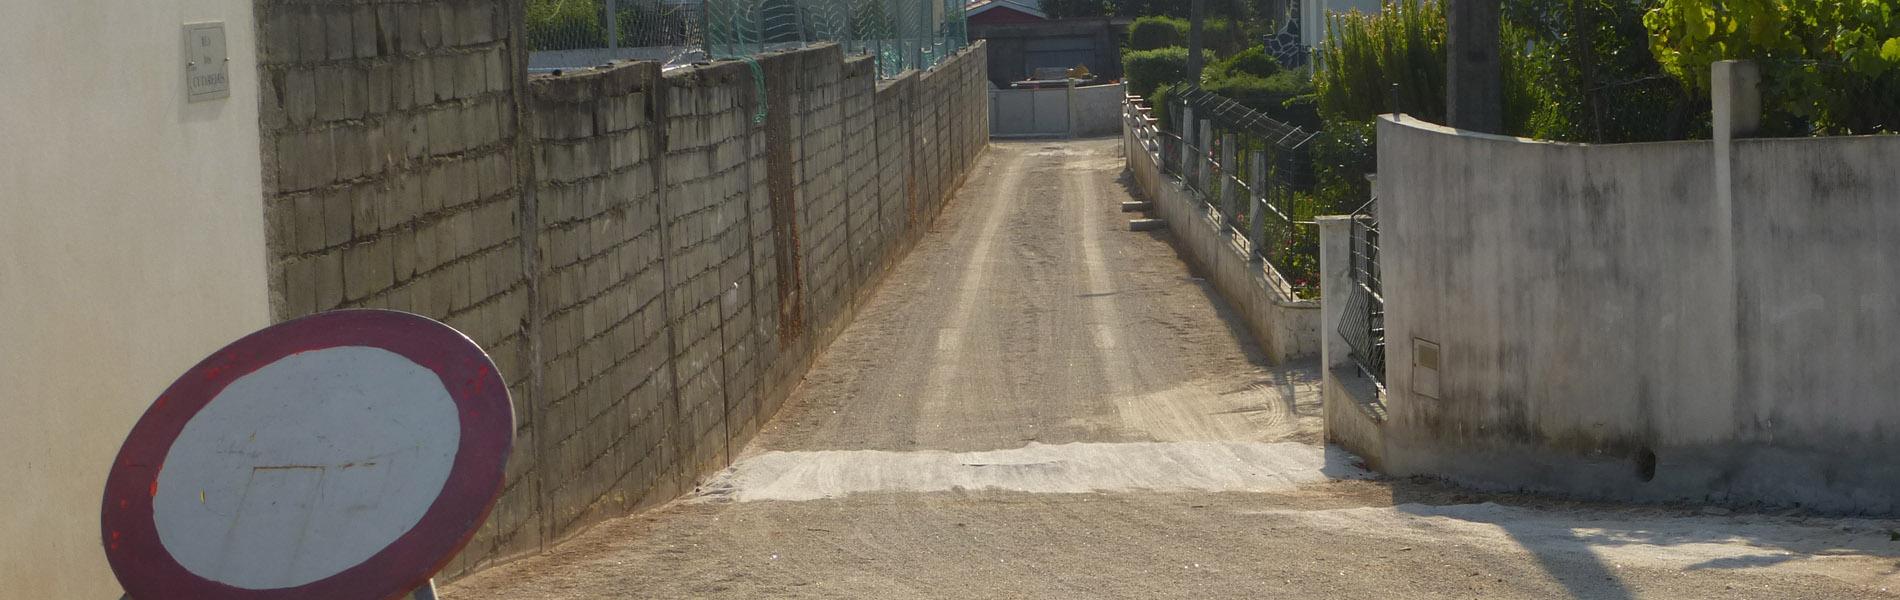 Mais melhoramentos em Lanheses - Rua dos Cutarelos recebe rede de saneamento e repavimentação